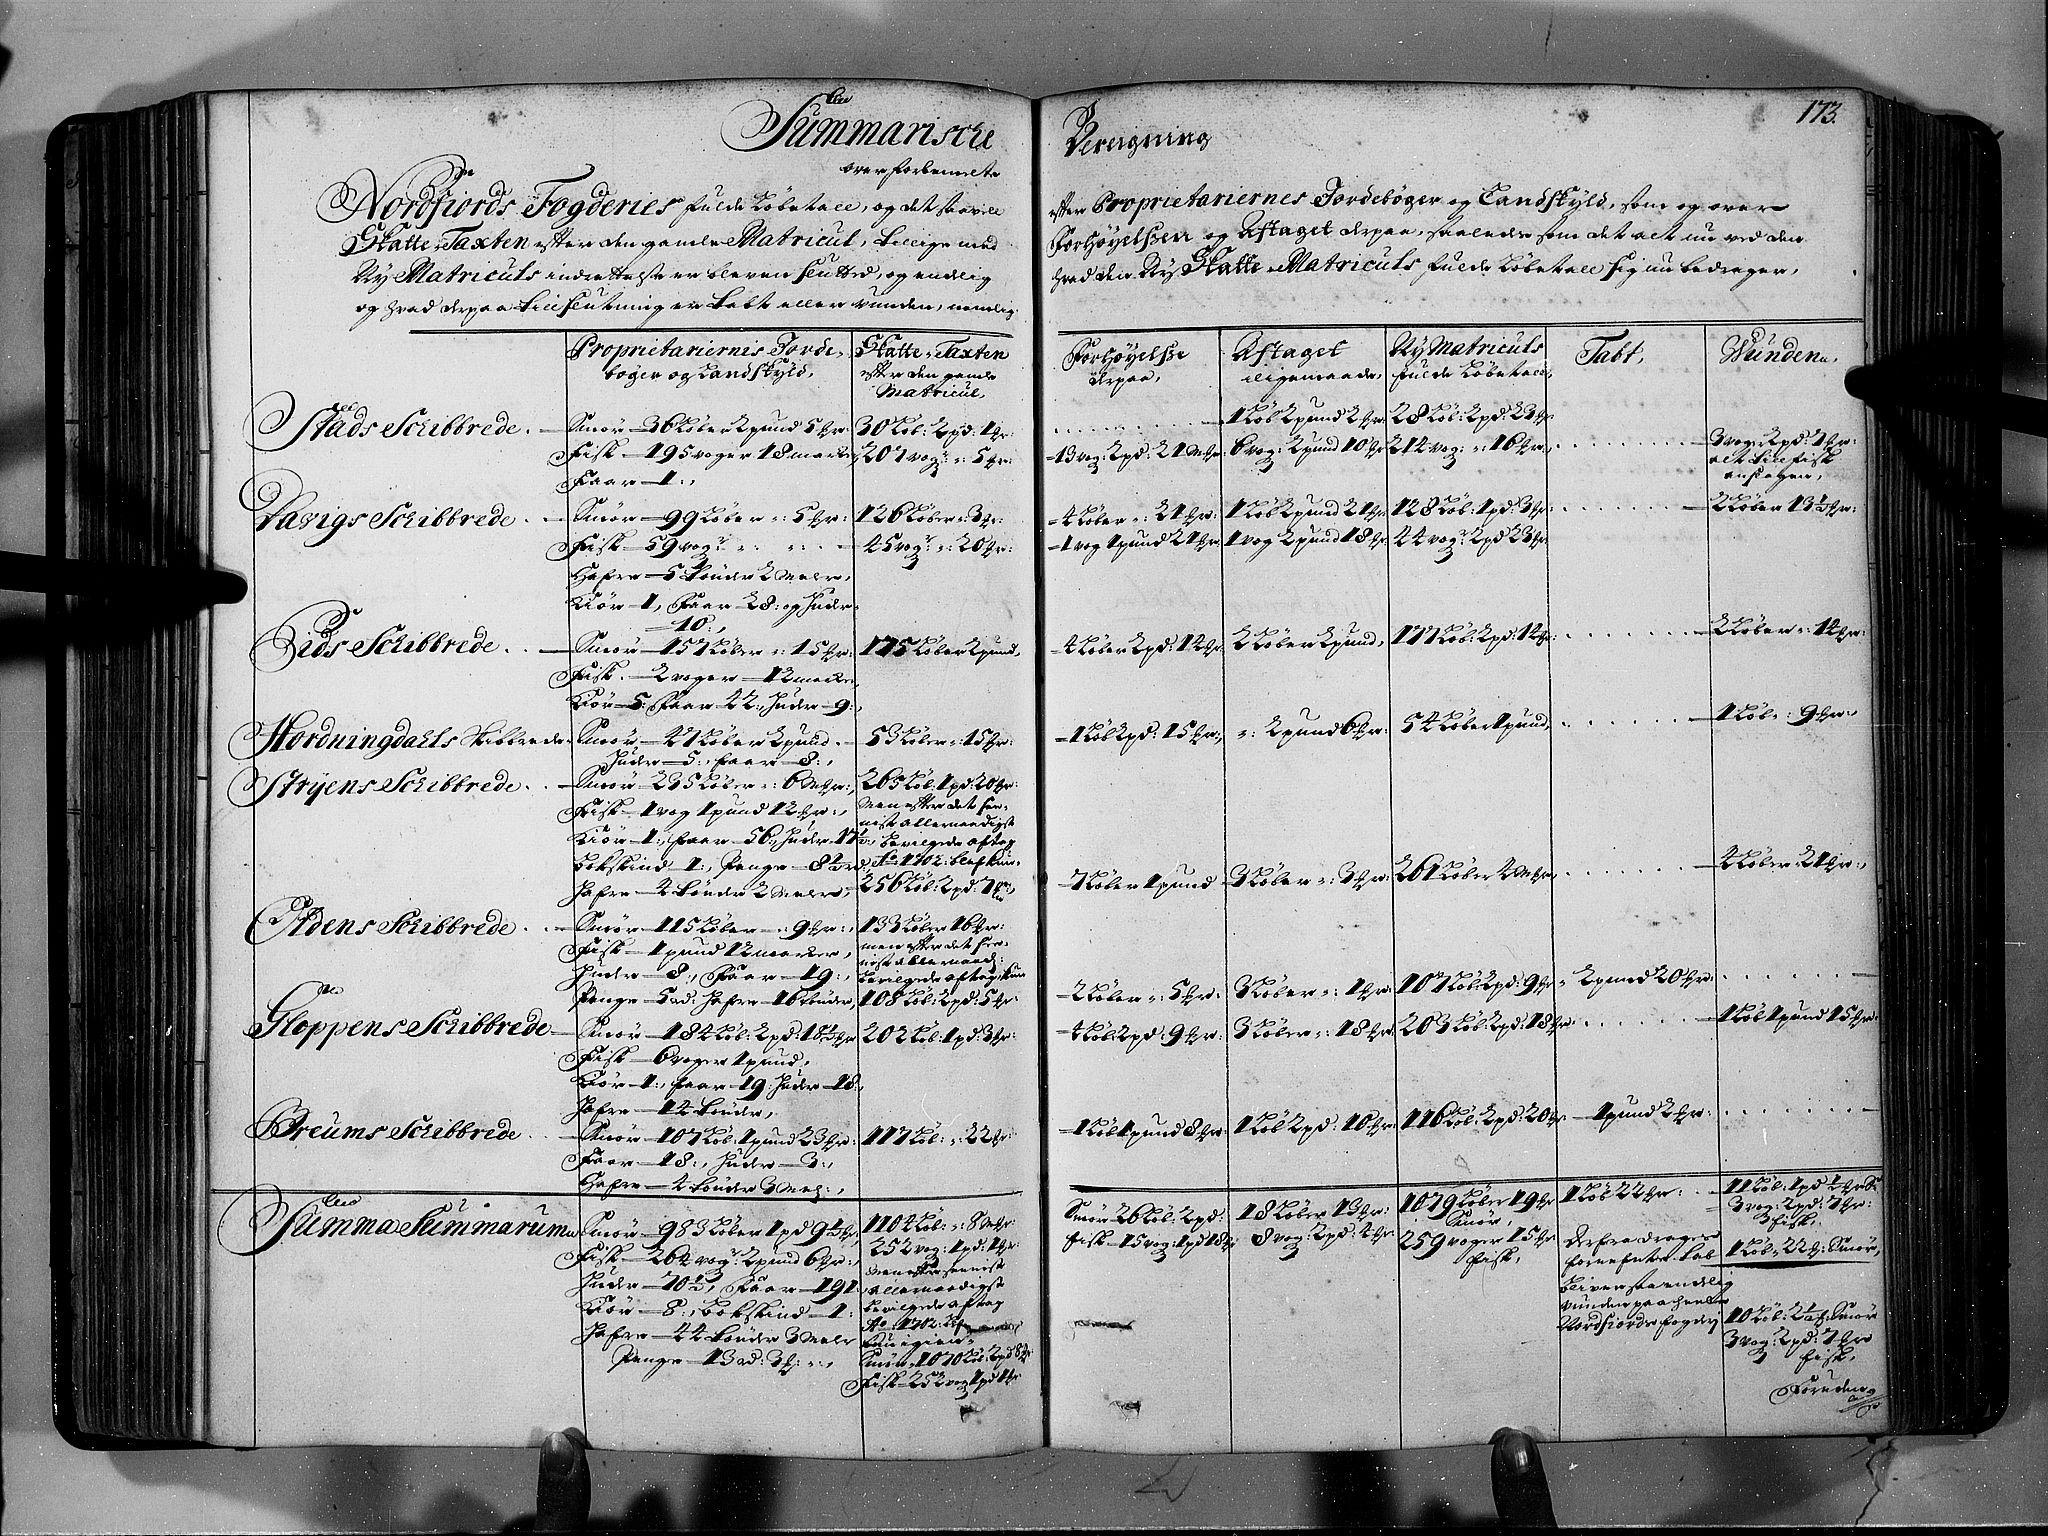 RA, Rentekammeret inntil 1814, Realistisk ordnet avdeling, N/Nb/Nbf/L0146: Sunnfjord og Nordfjord eksaminasjonsprotokoll, 1723, s. 172b-173a